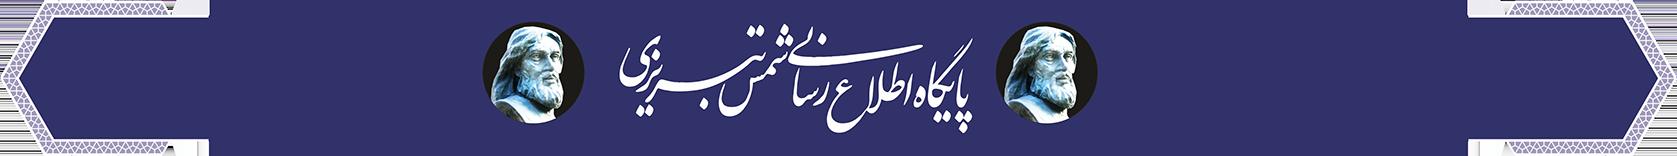 پایگاه اطلاع رسانی شمس تبریزی